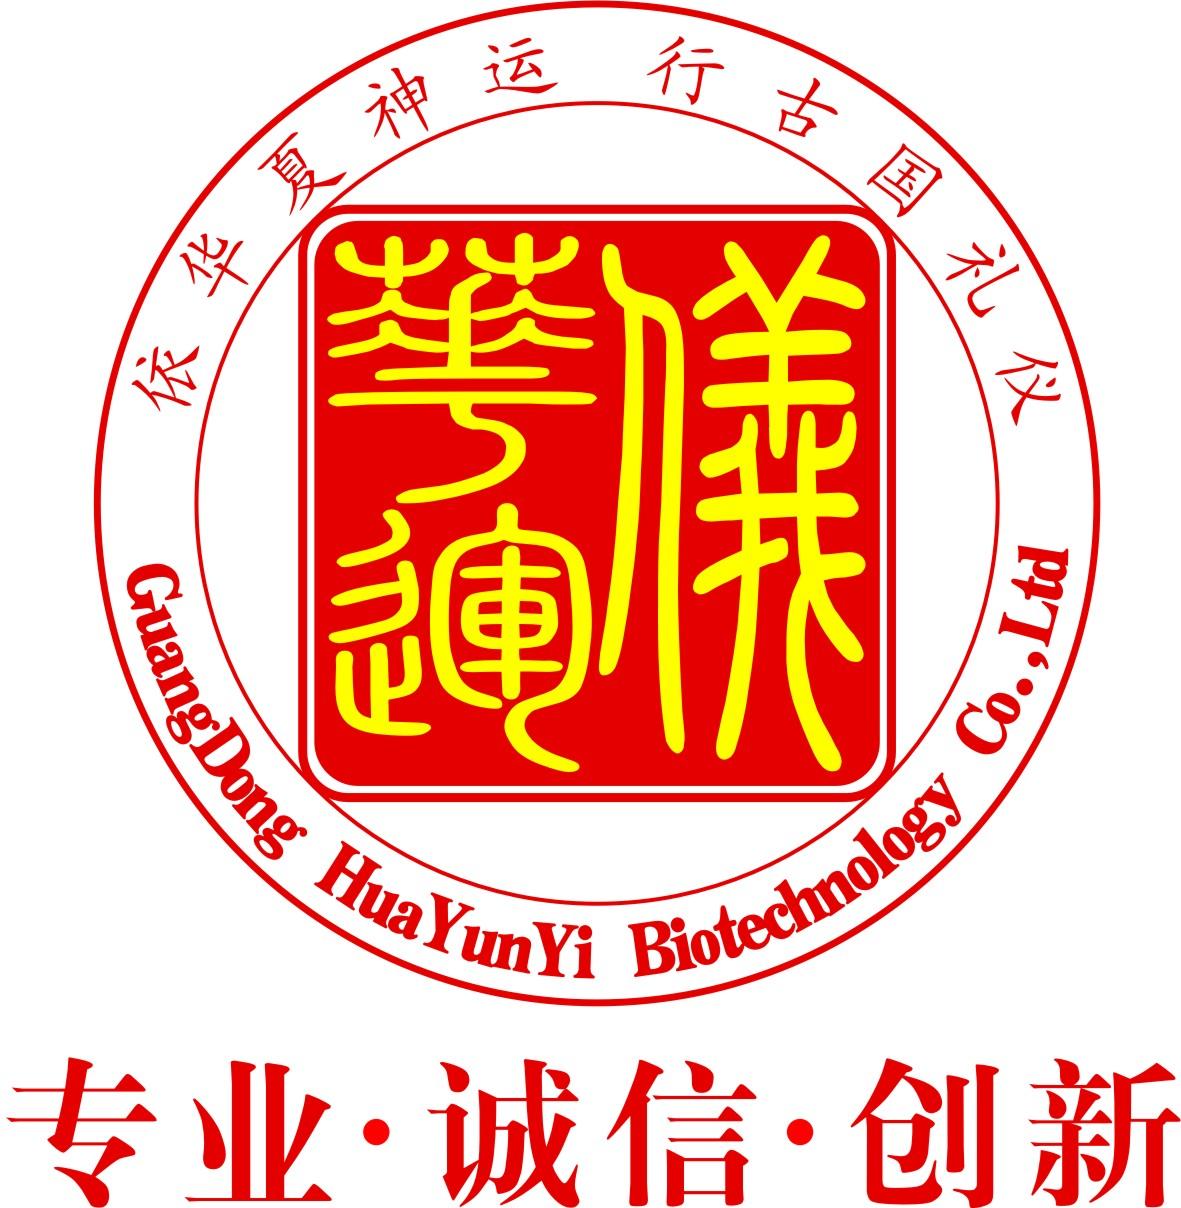 廣東華運儀生物工程有限公司